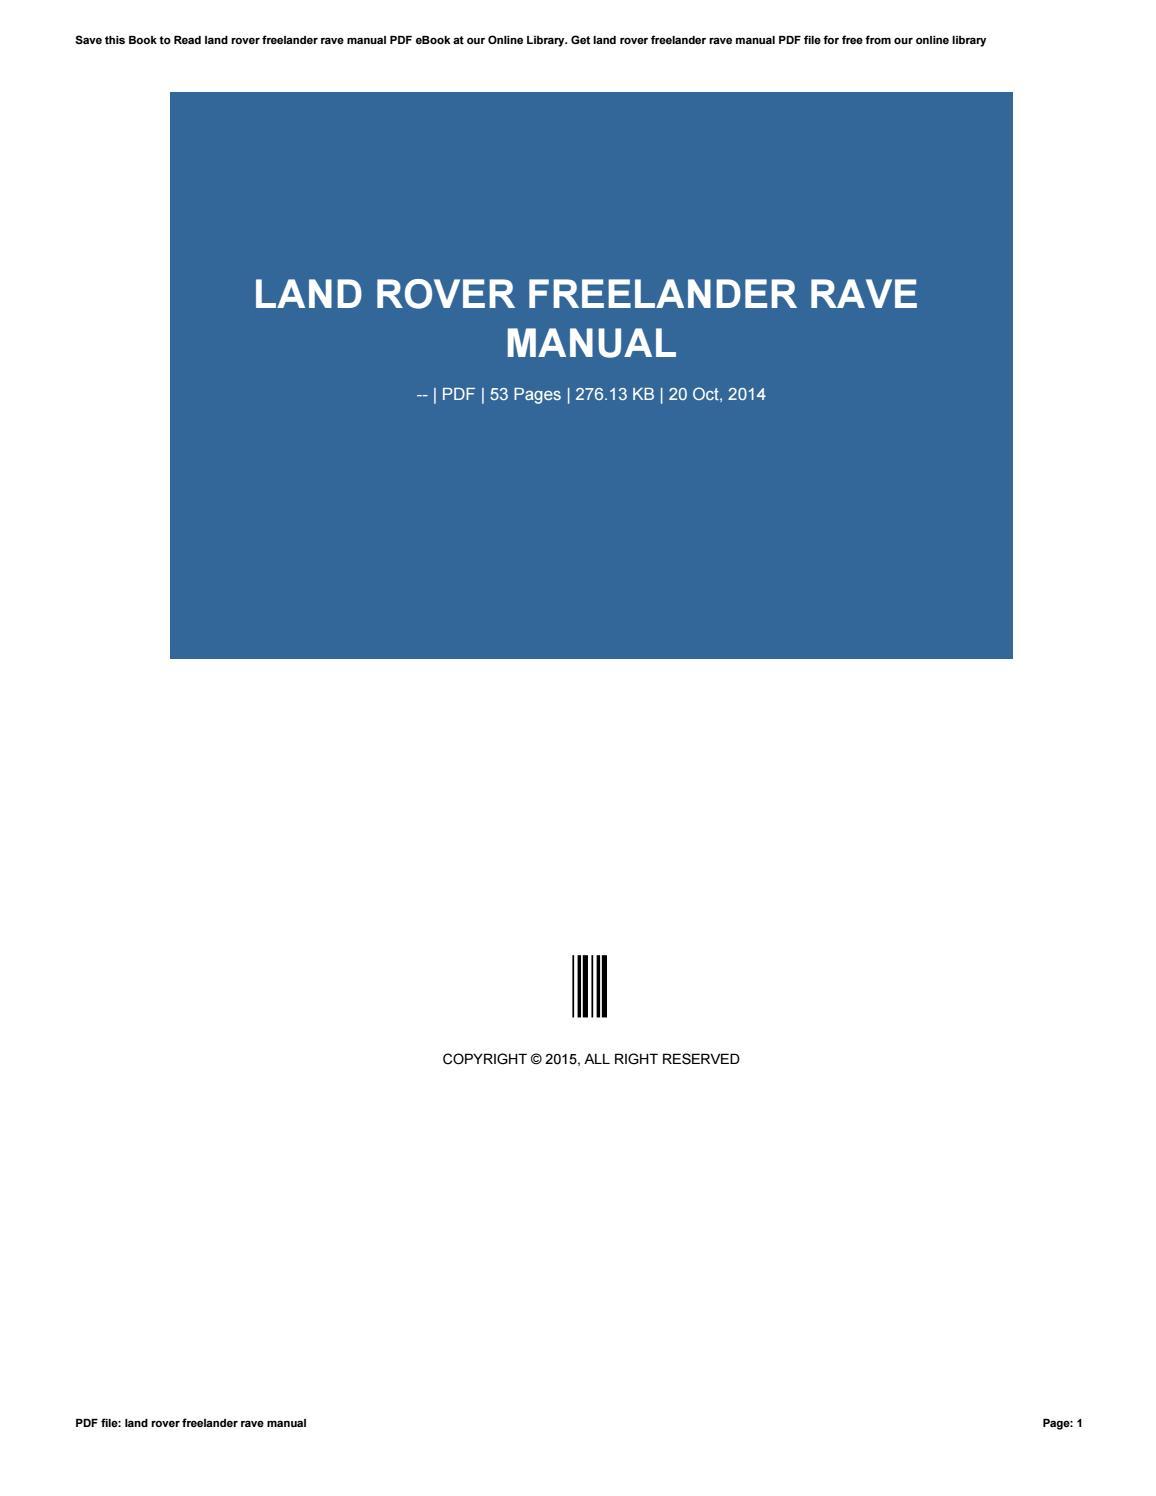 landrover parts manual pdf